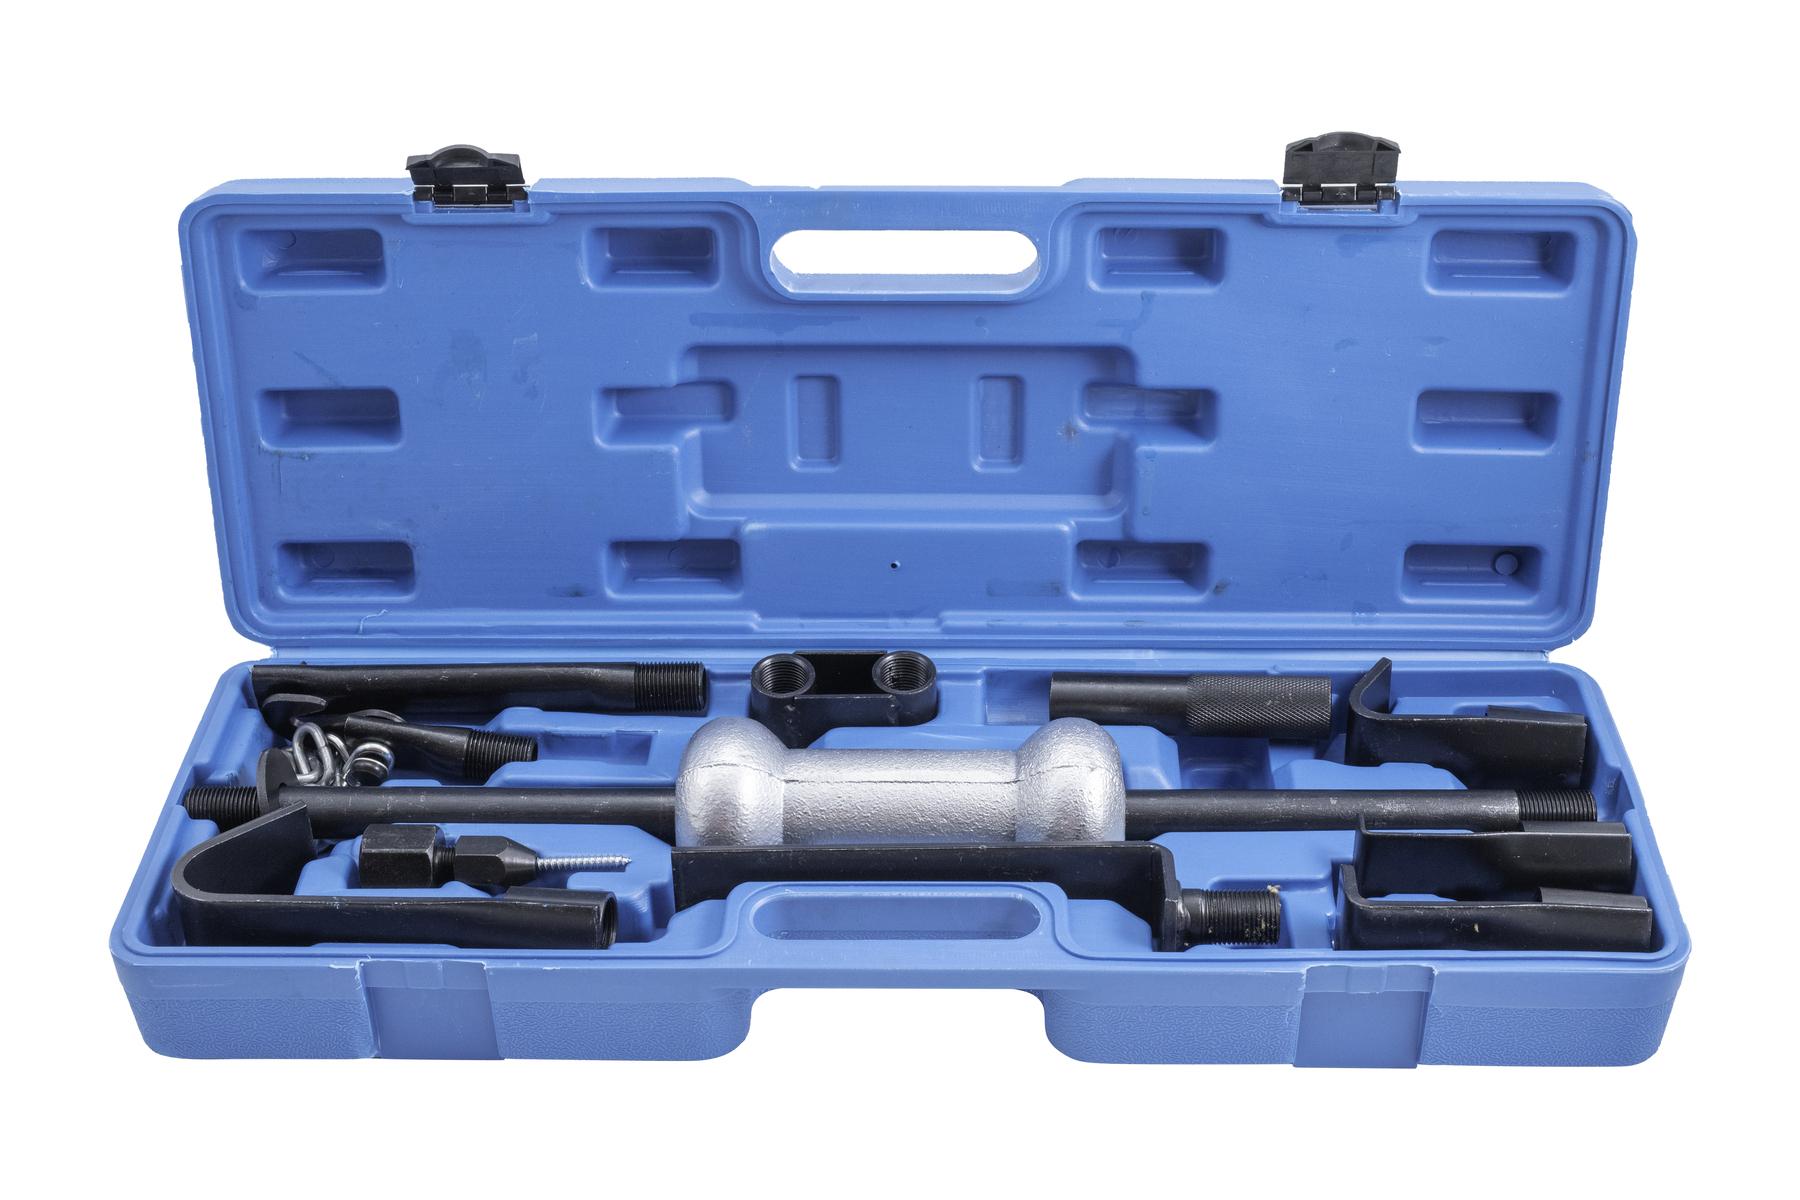 Karosářská / klempířská sada s reverzním (rázovým) kladivem pro vytahování - QS11145